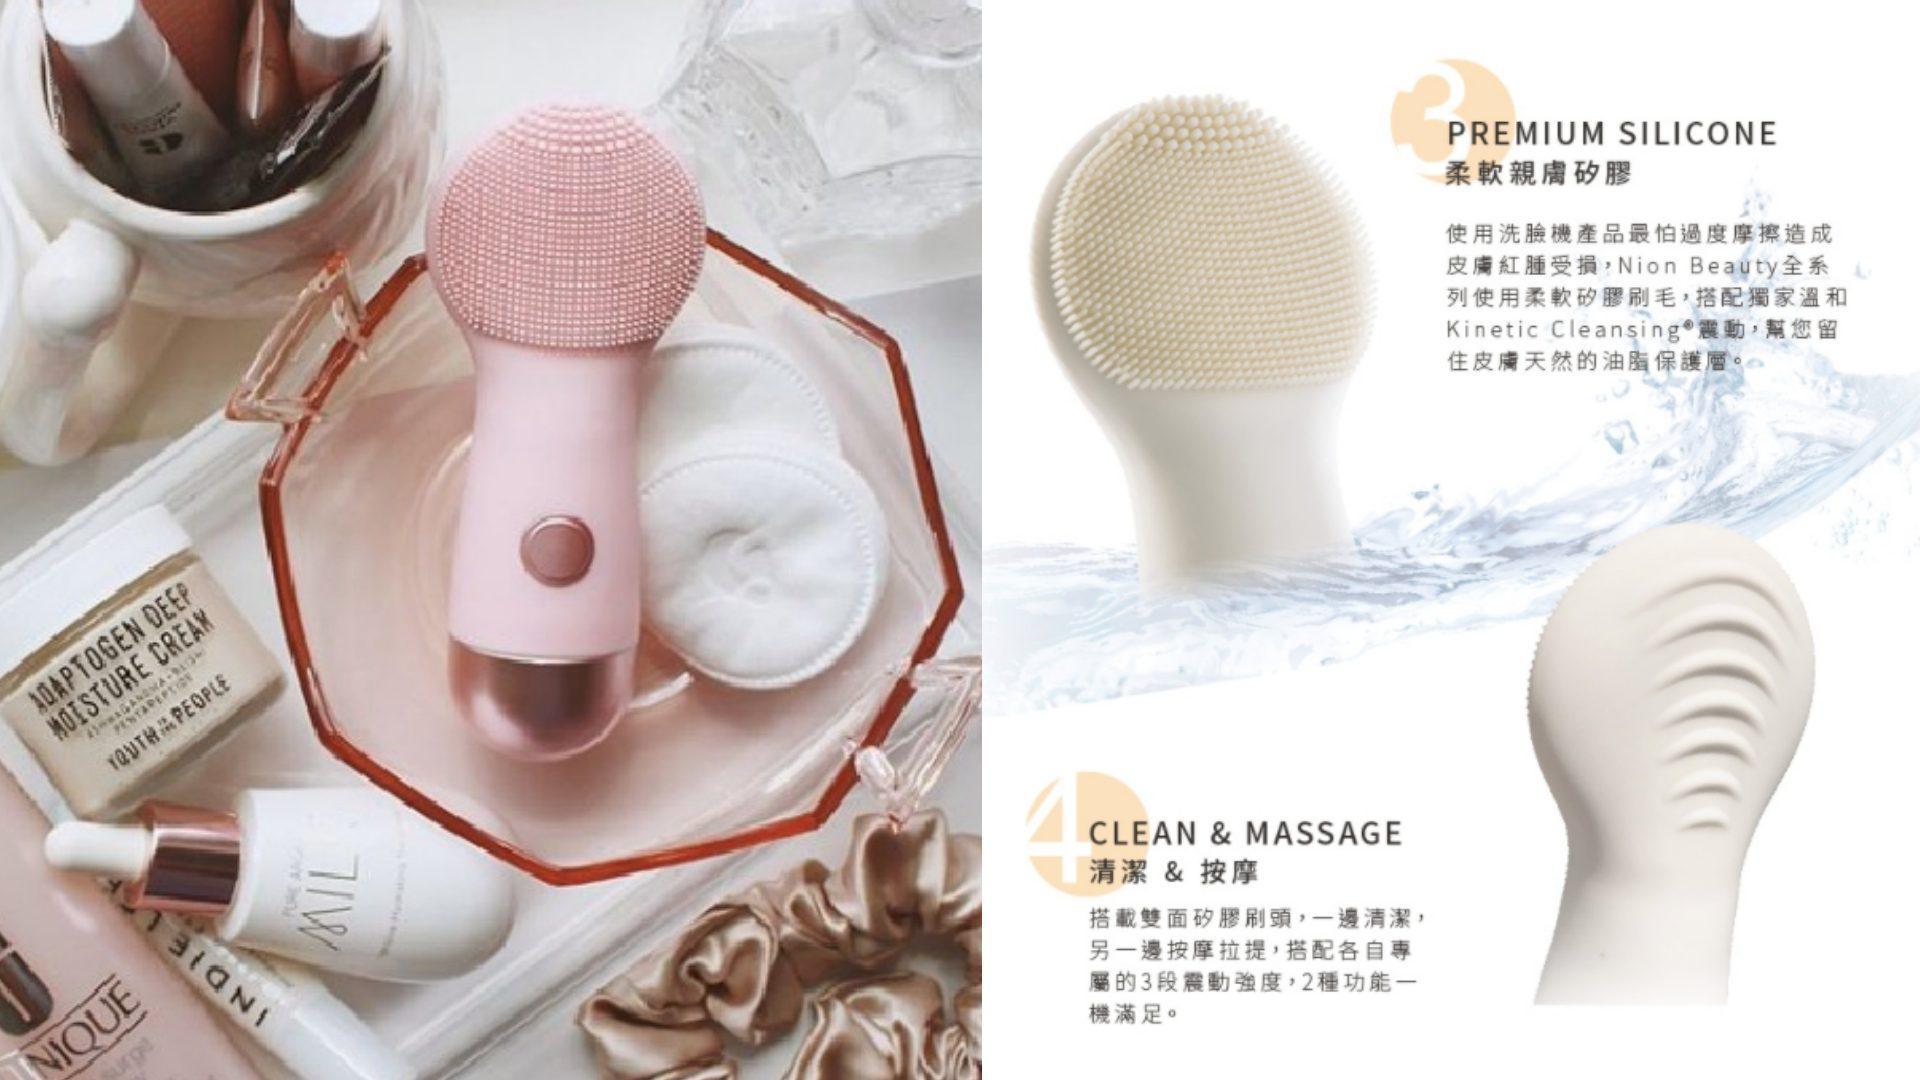 透過高效負離子矽膠,能夠附著髒污讓臉洗得更乾淨,而且運用垂直震度原理,可以溫和清潔不傷害肌膚。